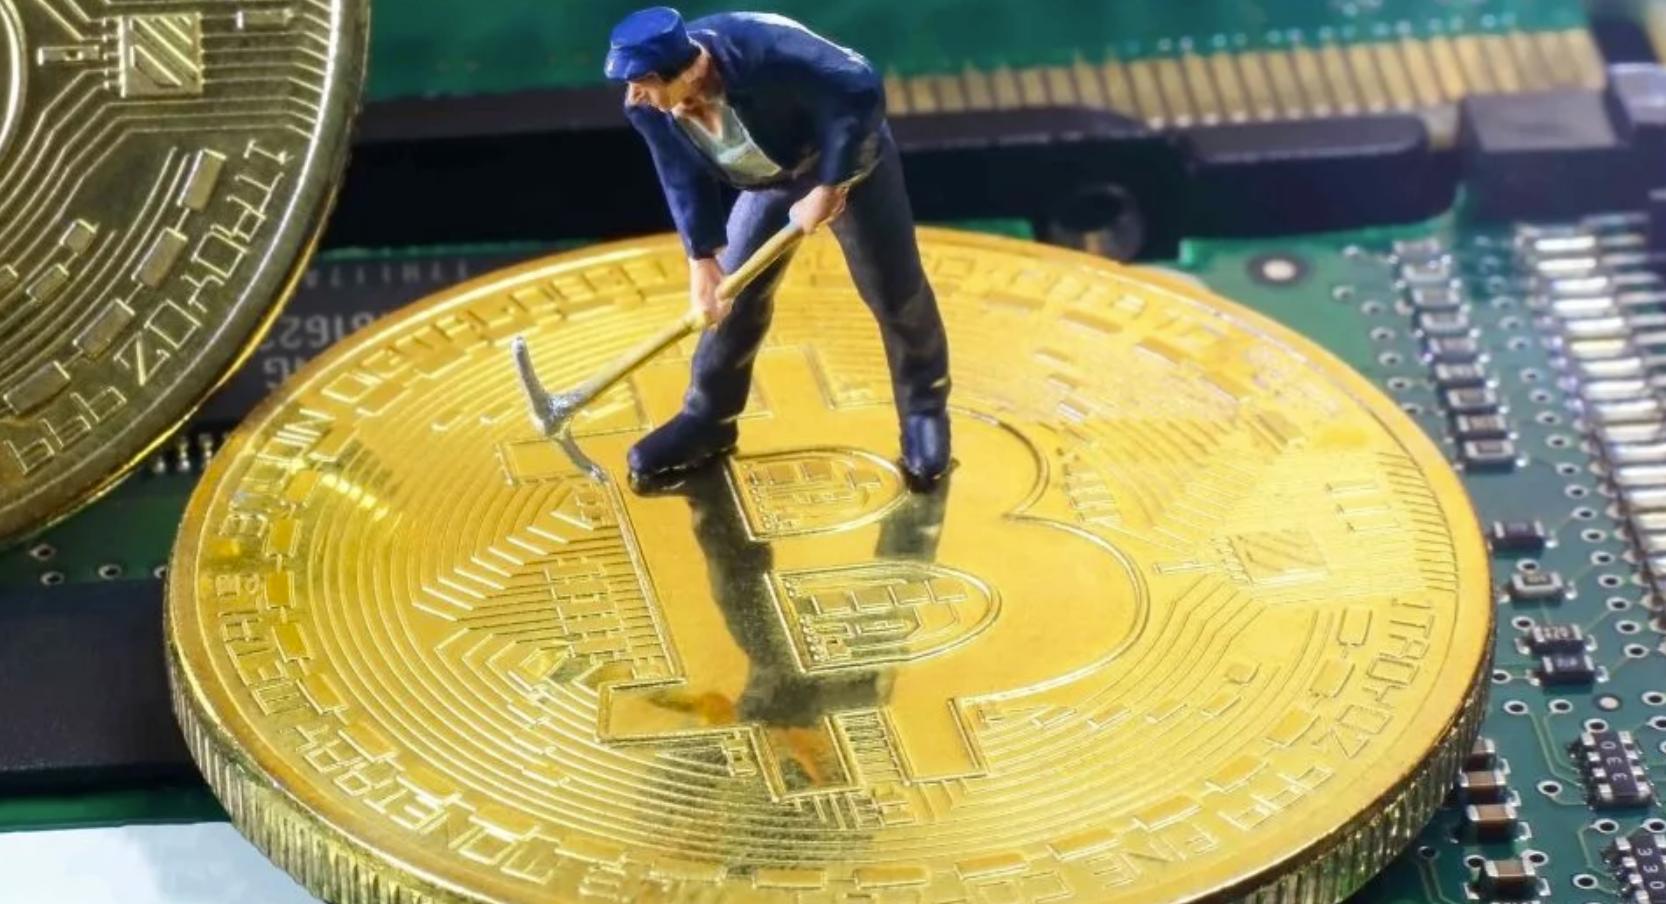 Meggazdagodhat-e még az Ethereum bányászat ban? - Mániás Tube videók